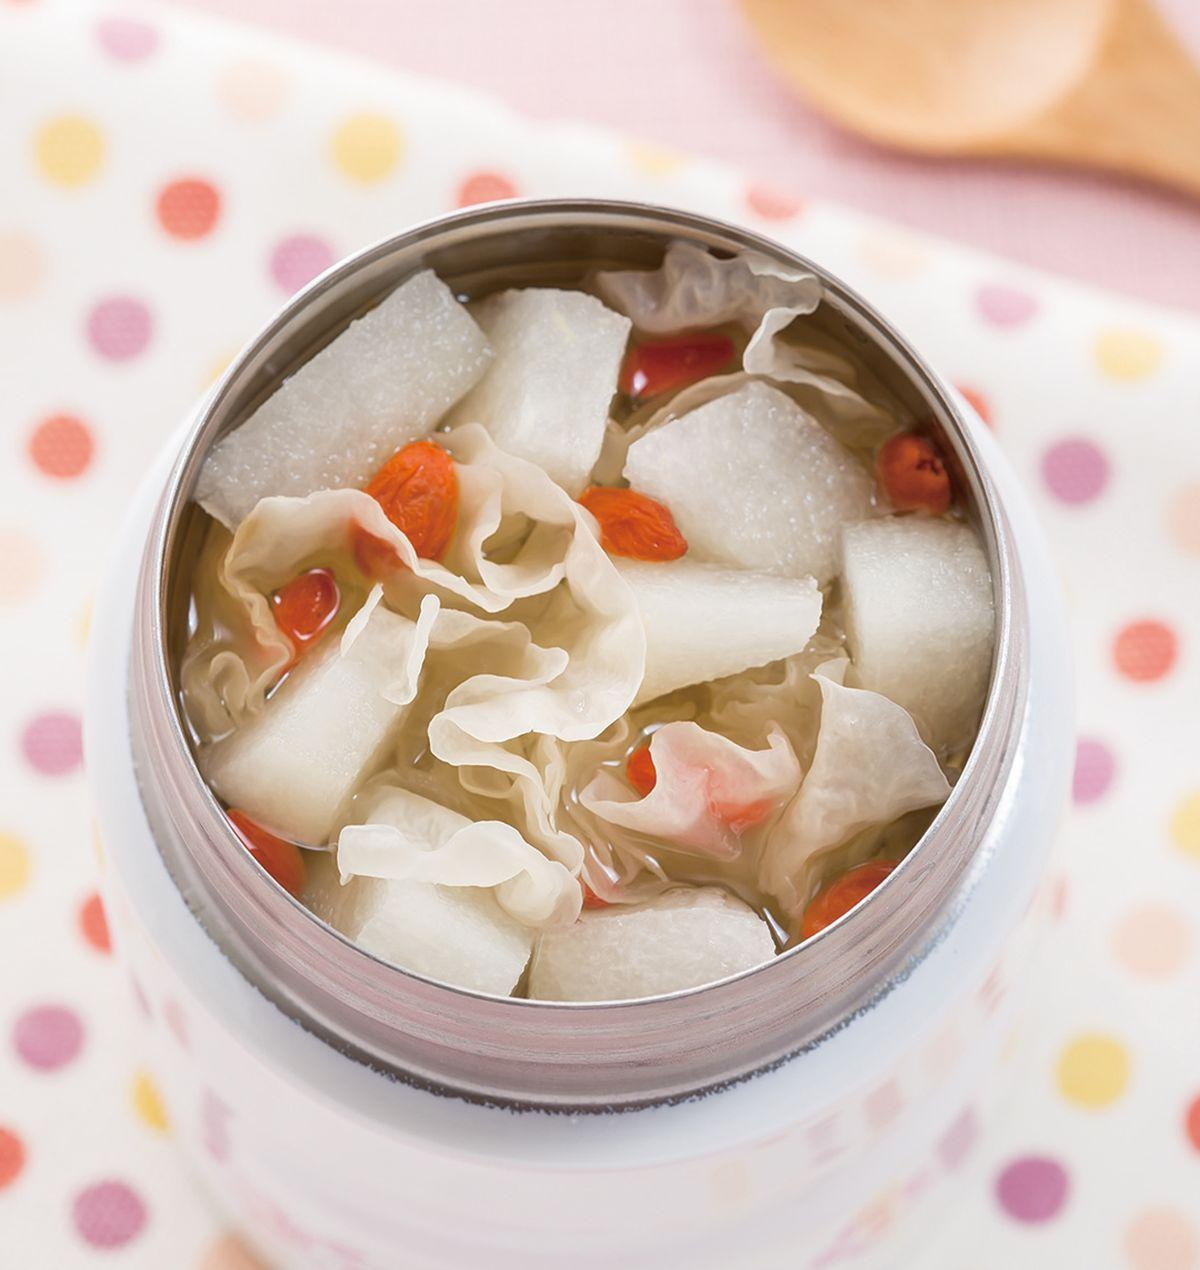 食譜:雪梨銀耳甜湯